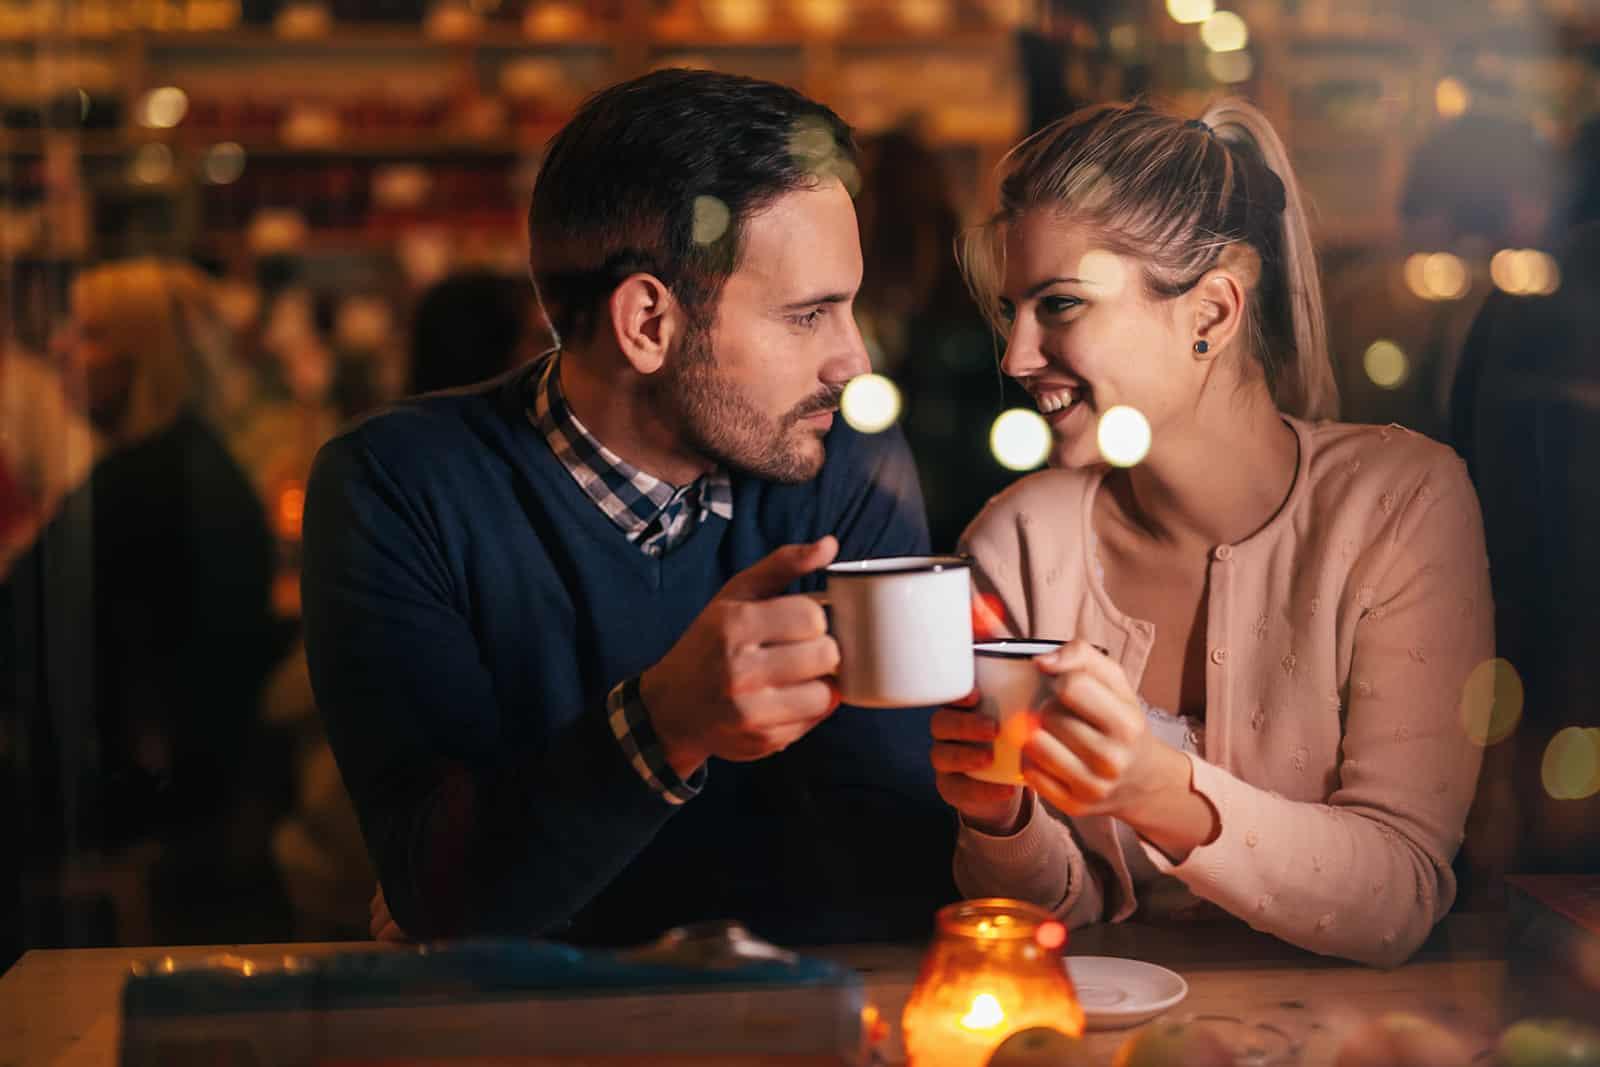 Un homme à la recherche d'une femme souriante dans les yeux tout en buvant du thé ensemble dans le café